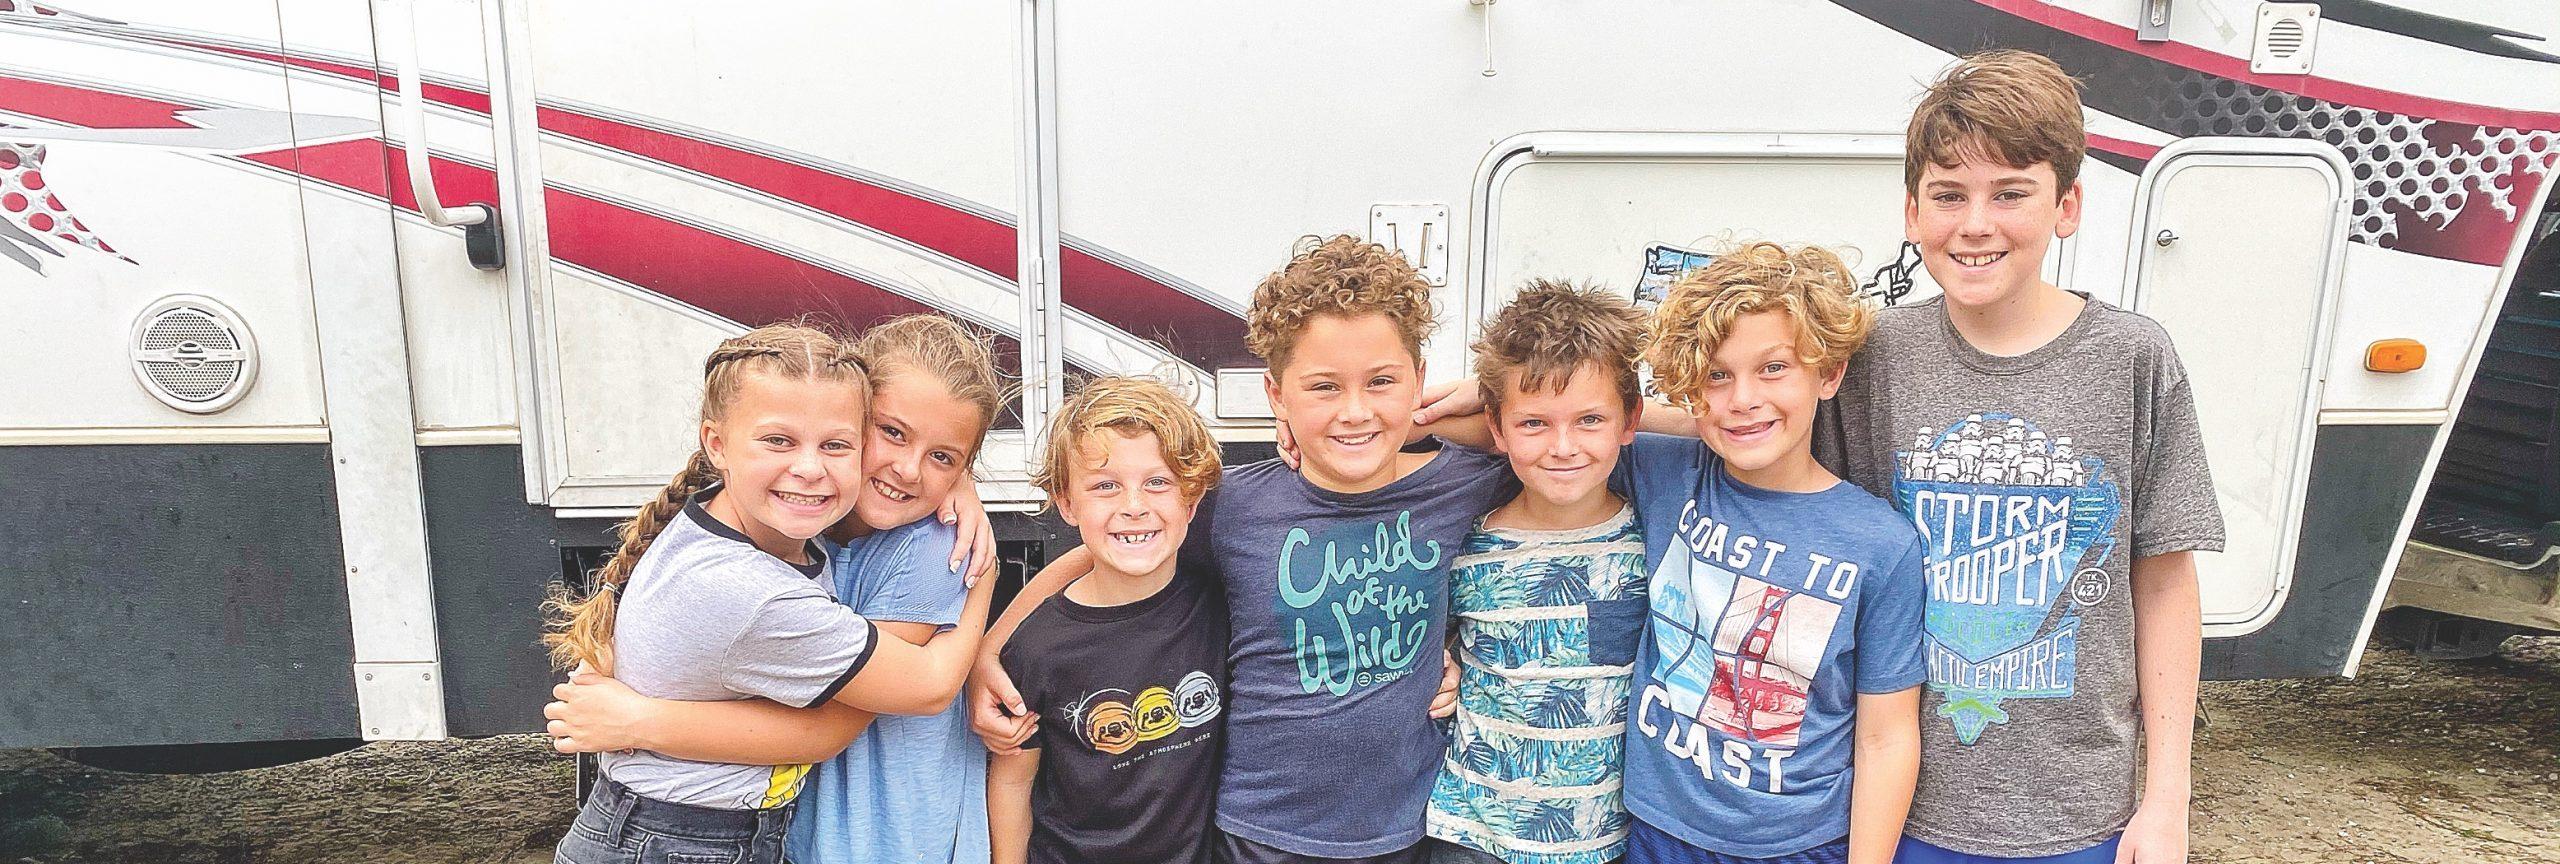 Campground Kids